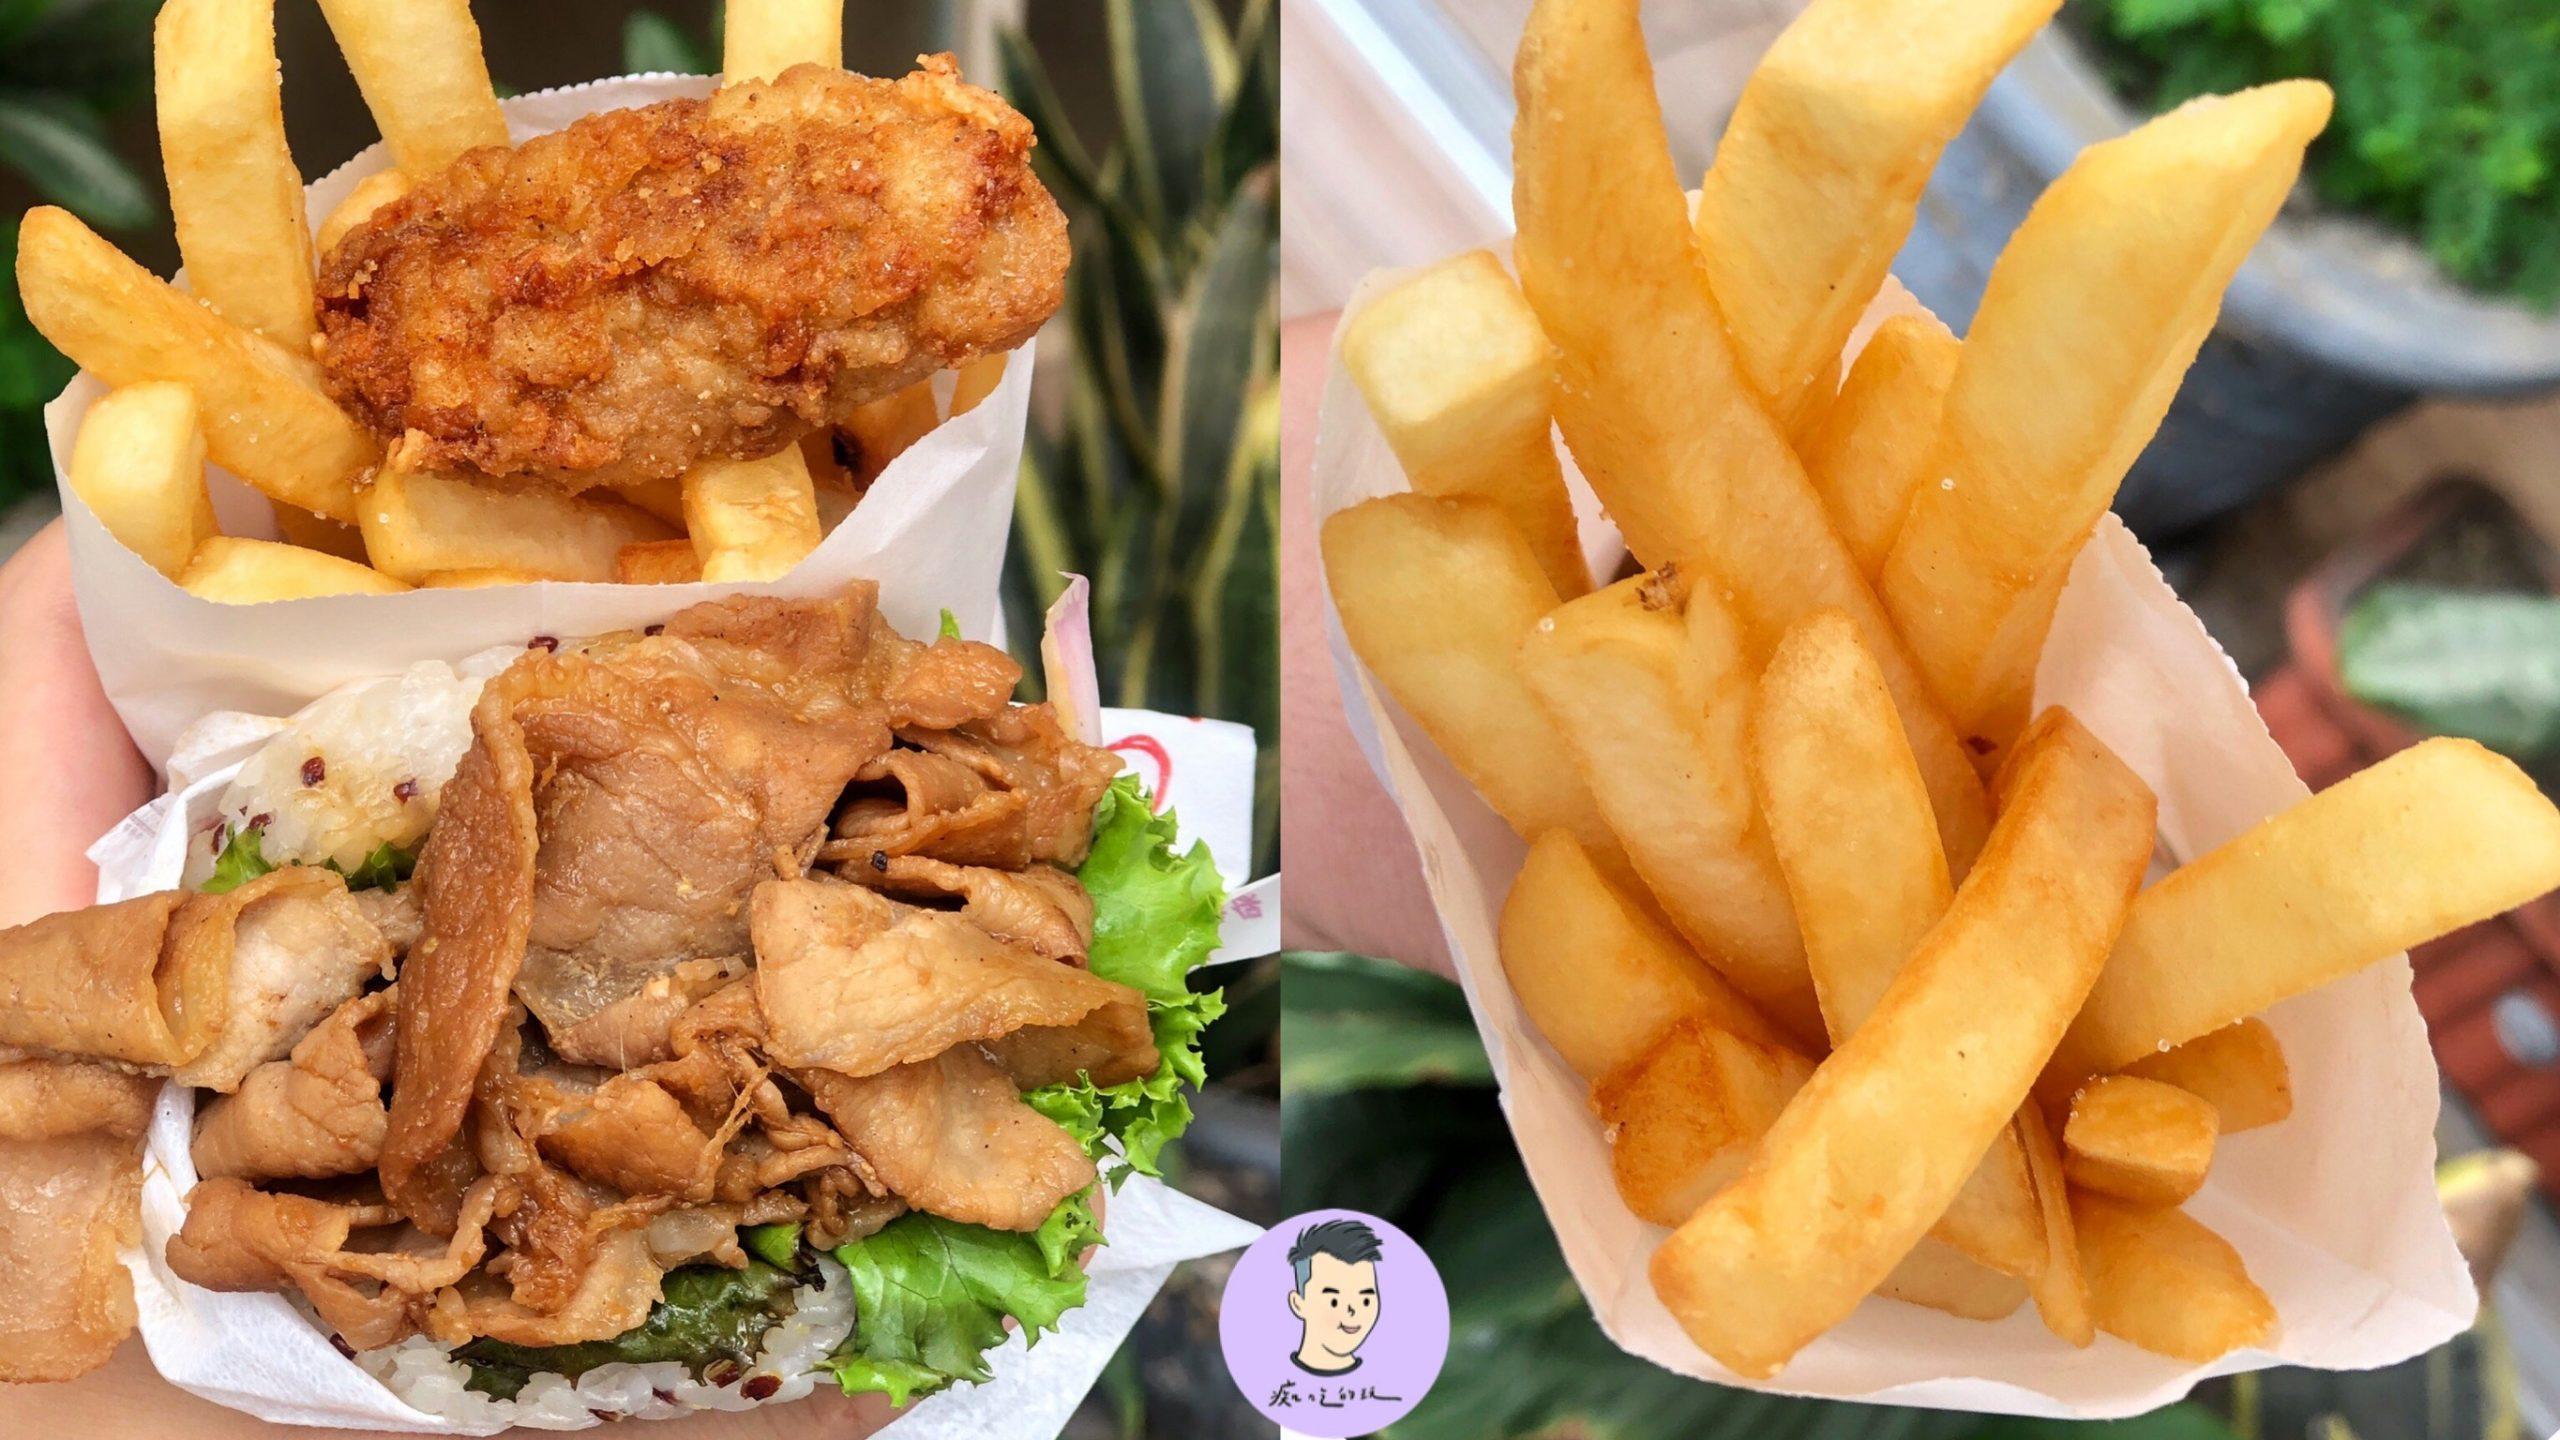 全台摩斯漢堡限時優惠「冰紅茶+漢堡套餐只要一元」這天大薯買一送一!買指定套餐送「檸檬蒟蒻」4大優惠報你知